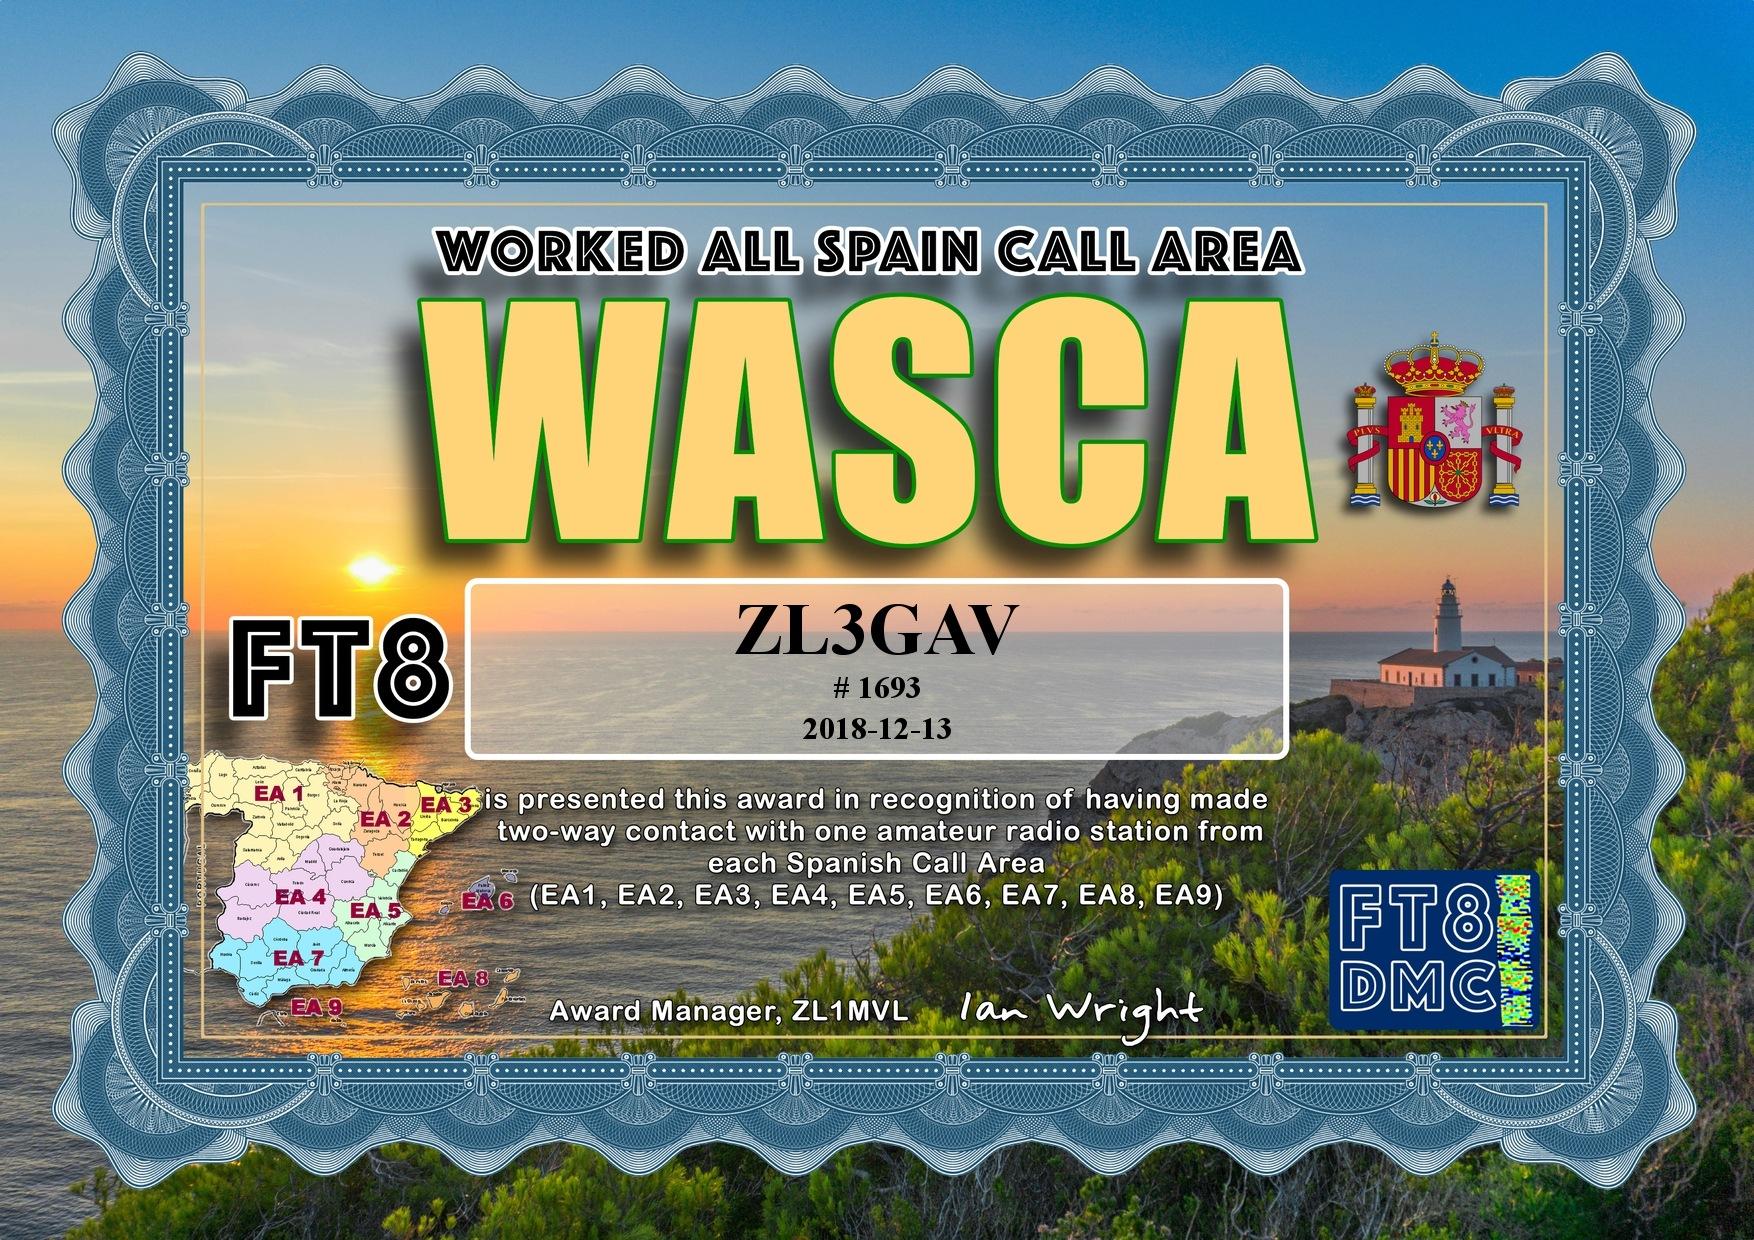 ZL3GAV-WASCA-WASCA.jpg